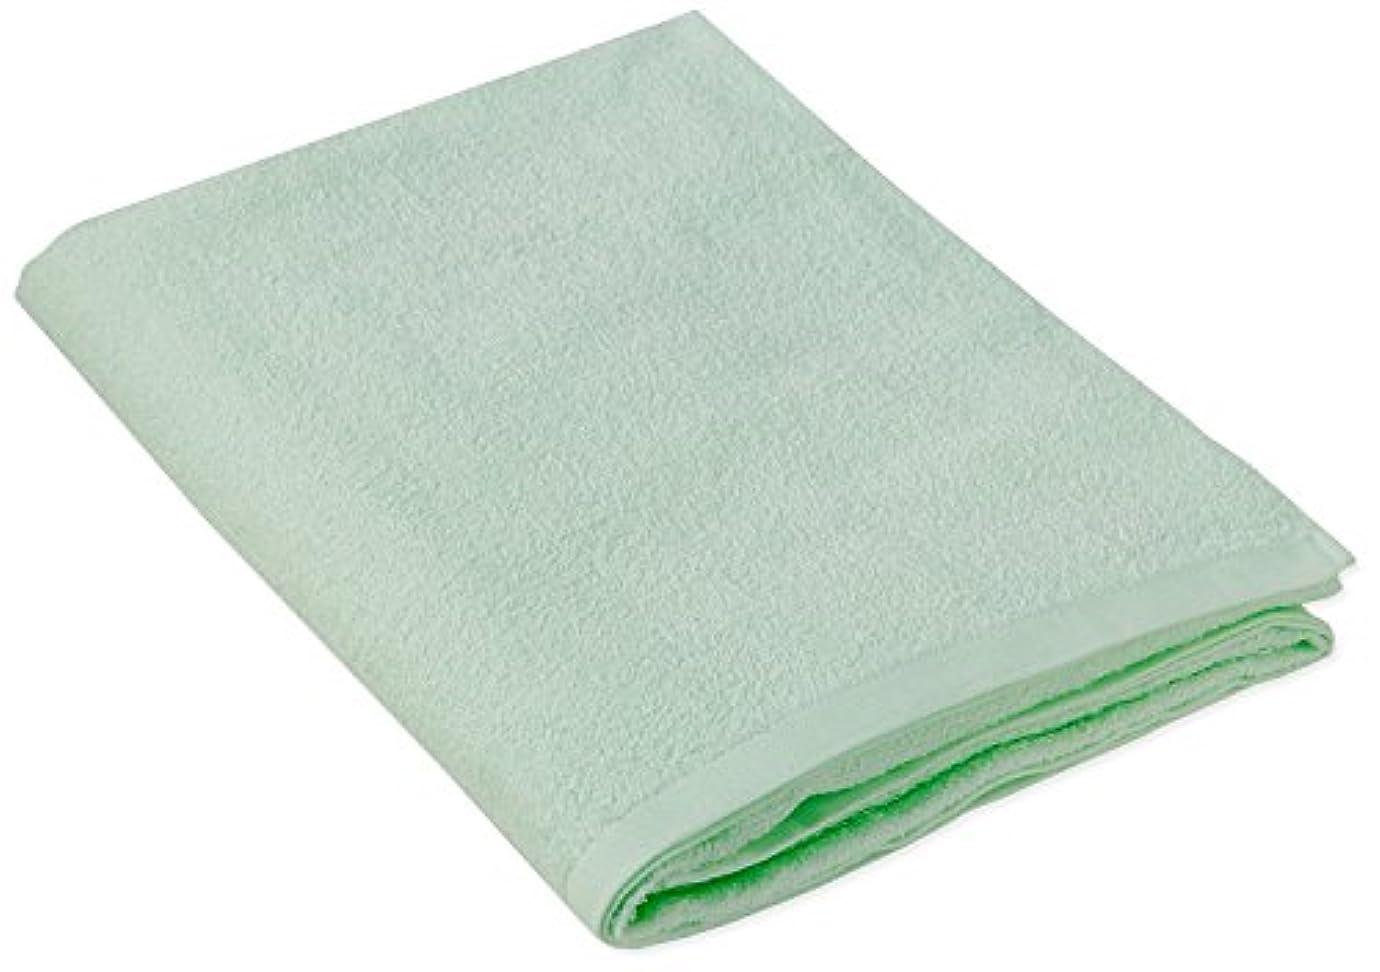 キヨタ 抗菌介護タオル(大判タオル1枚入) グリーン 80×135cm